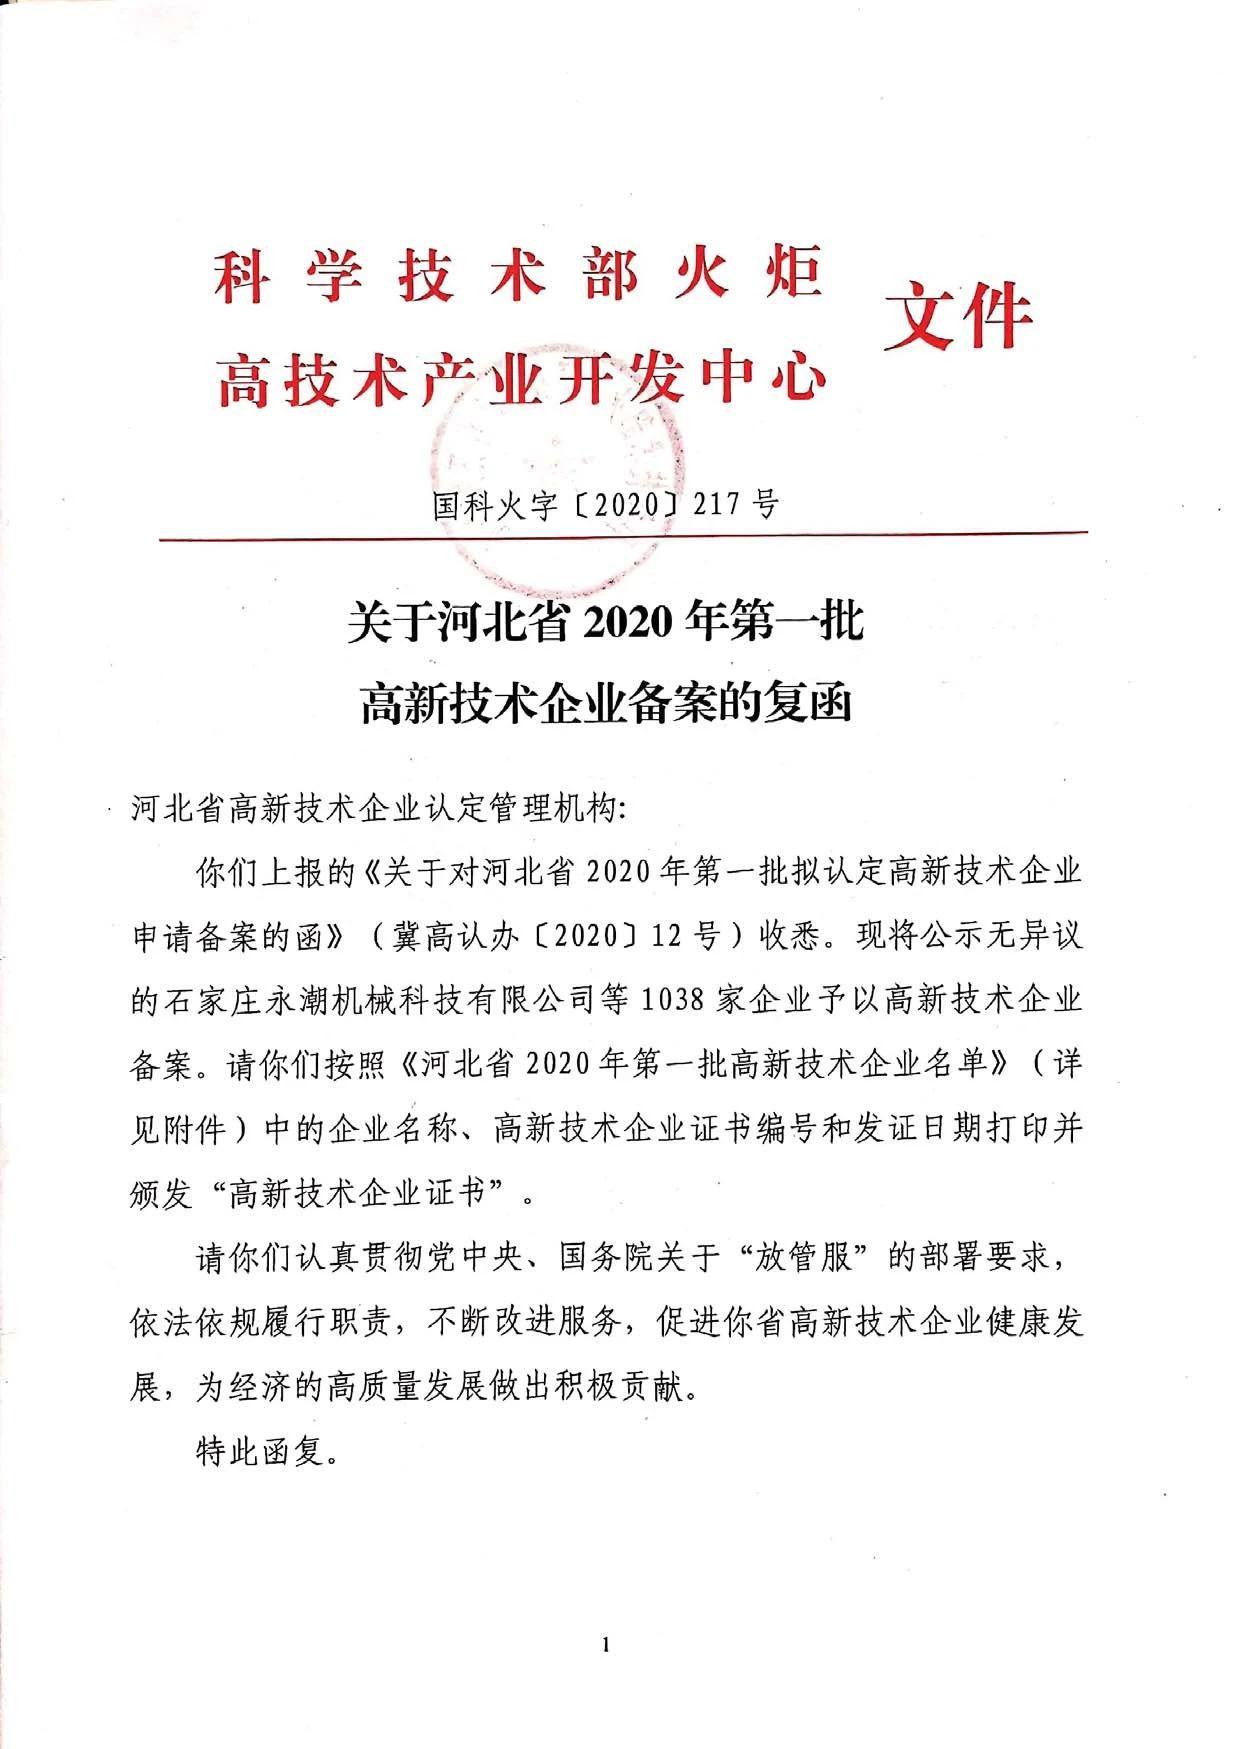 河北省2020年第一批高新技术企业备案工作完成了!